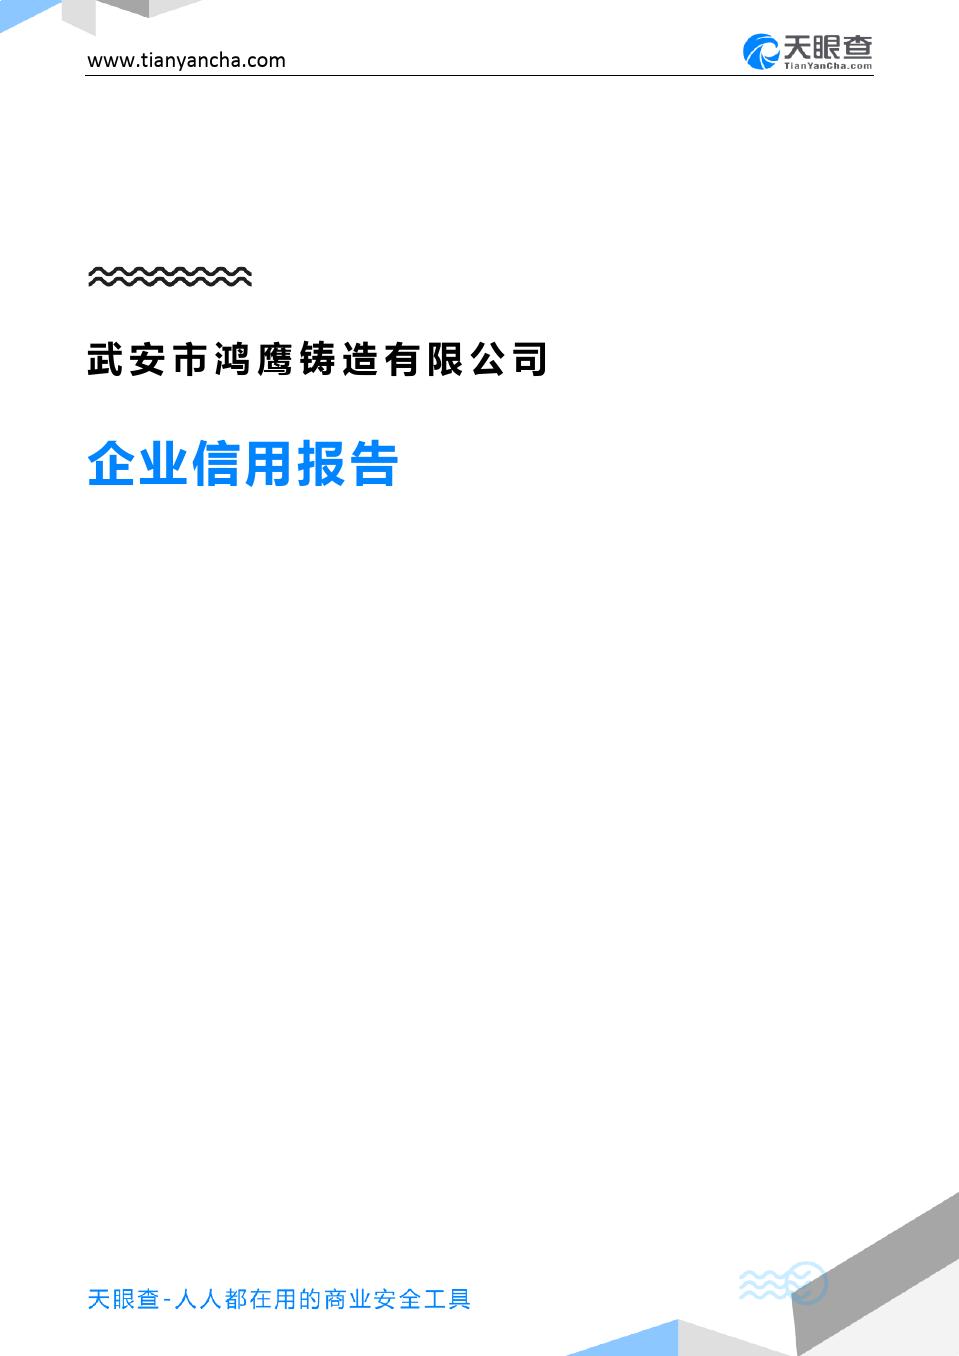 武安市鸿鹰铸造有限公司(企业信用报告)- 天眼查